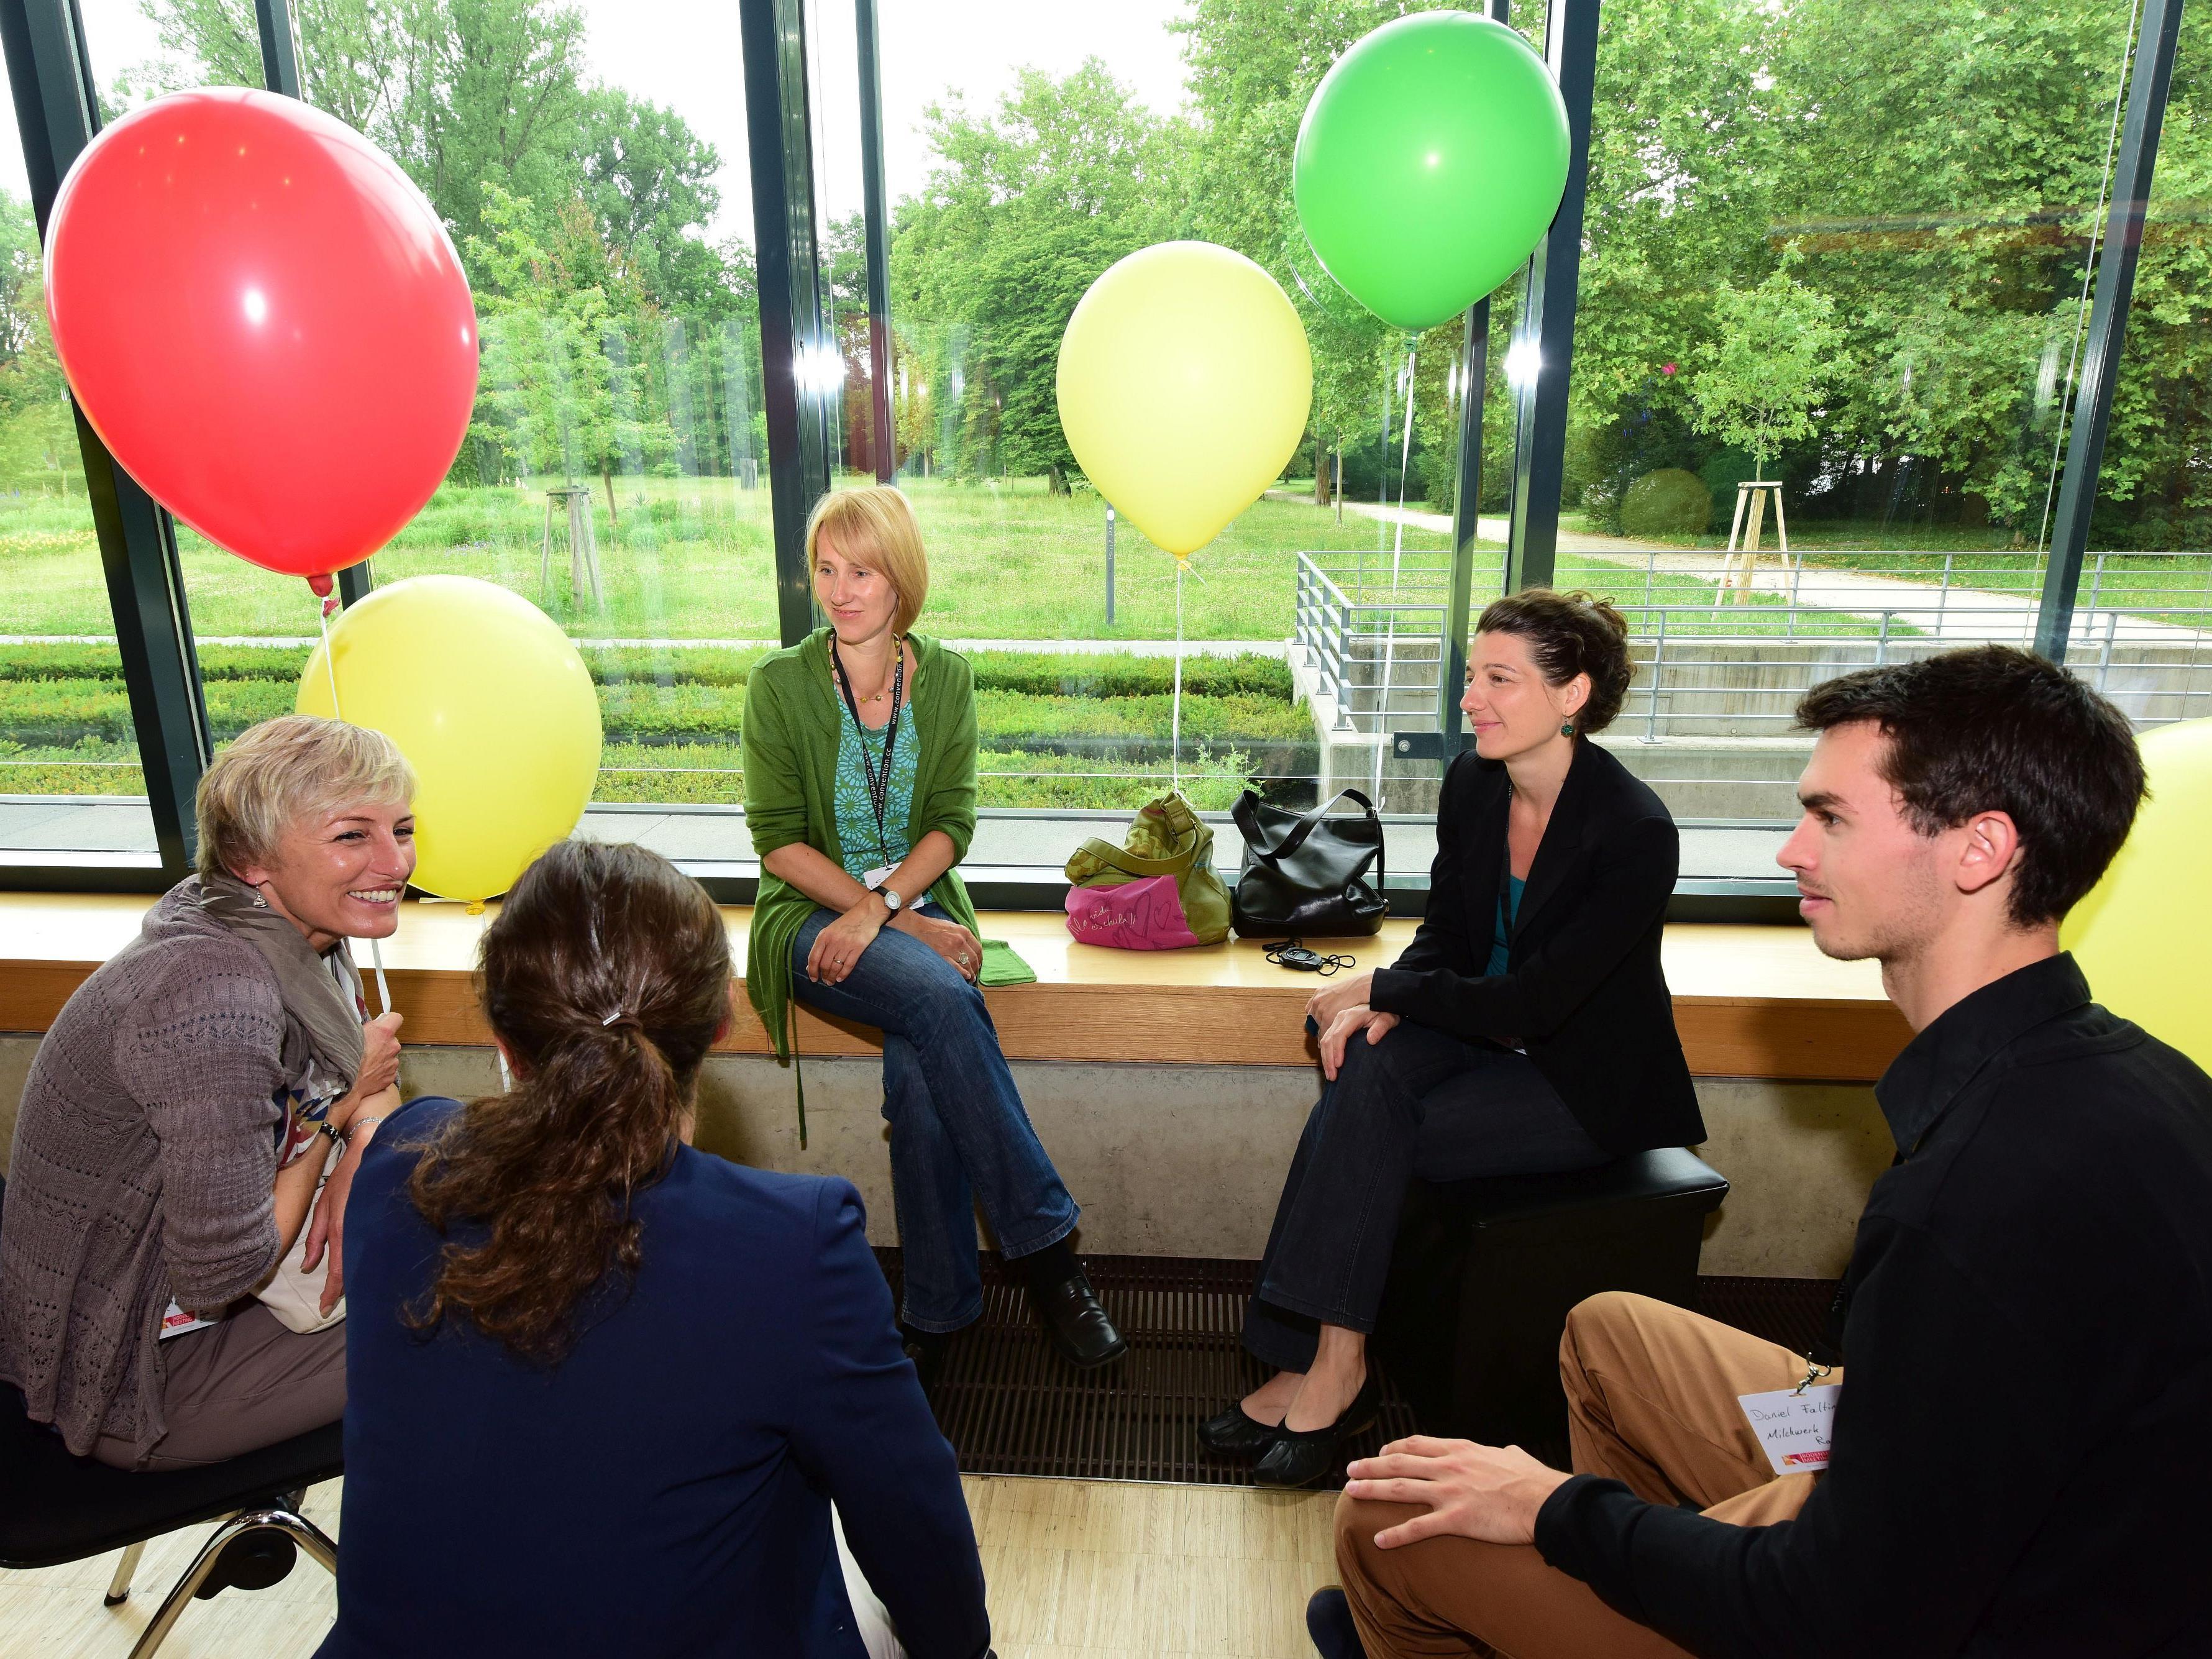 Die Luftballon-Farben signalisieren mehr oder weniger Kongresserfahrung – Austausch auf Augenhöhe ist dennoch selbstverständlich.